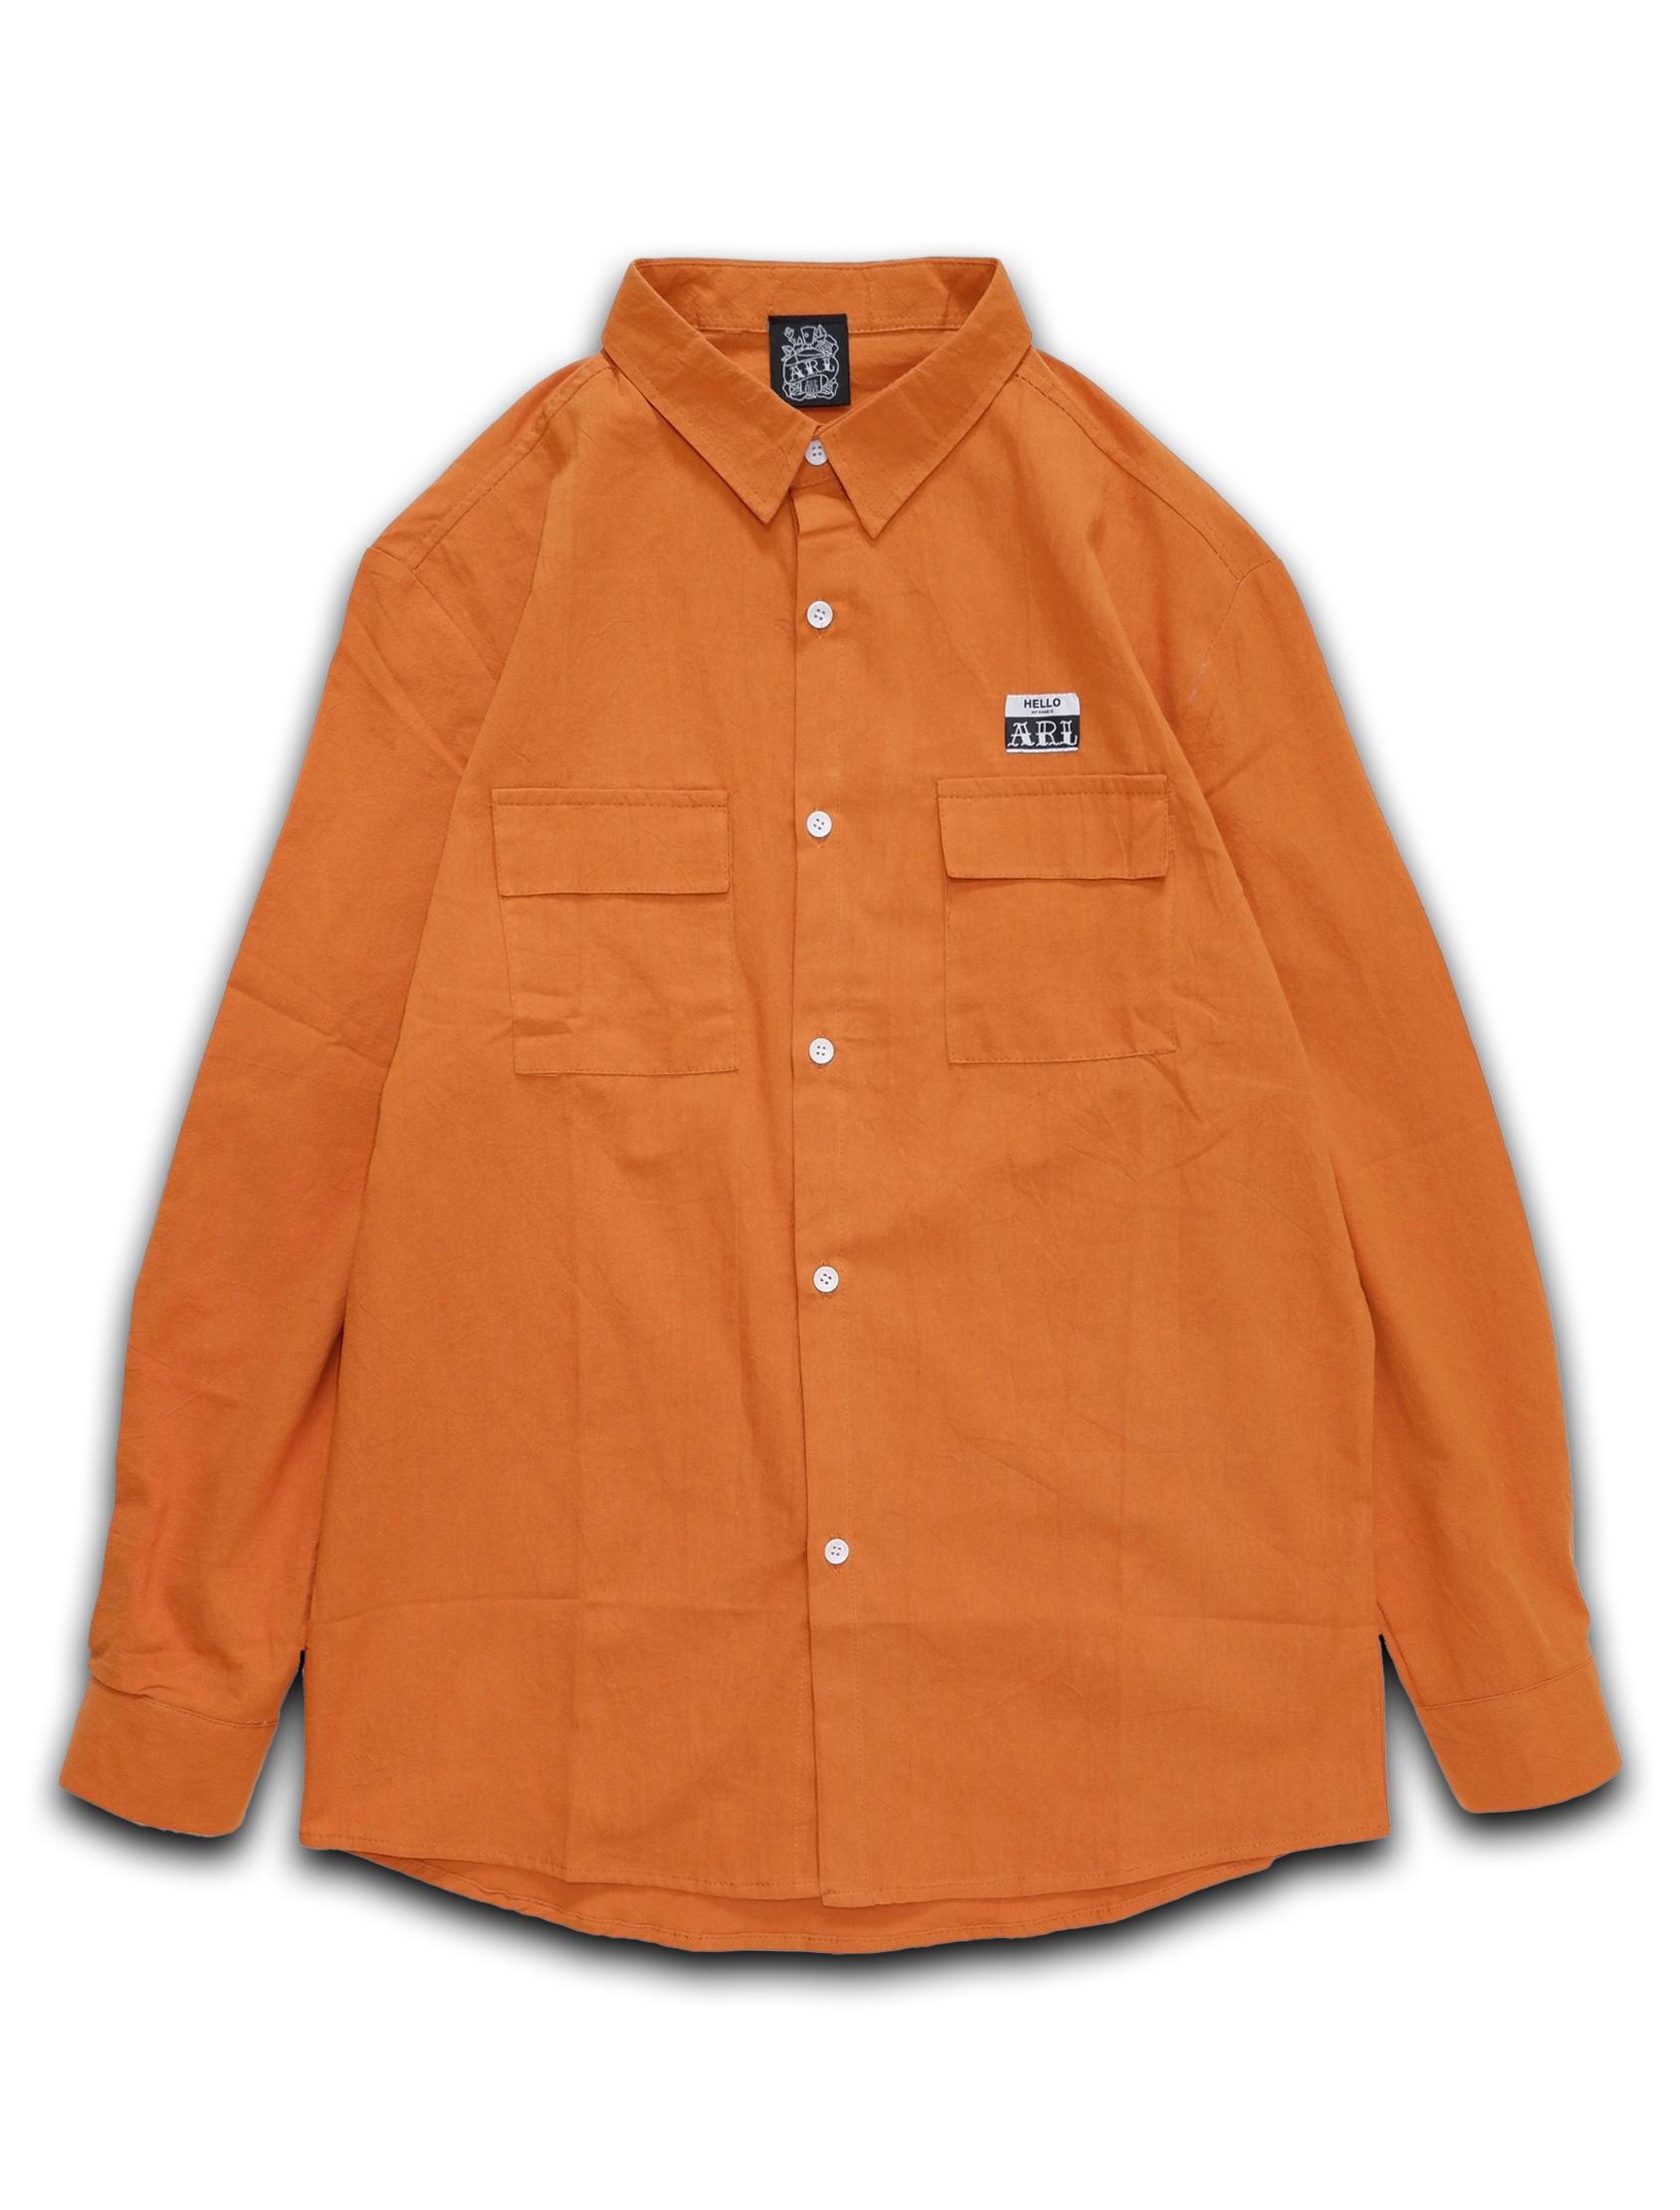 LOGO STICKER SHIRT orange